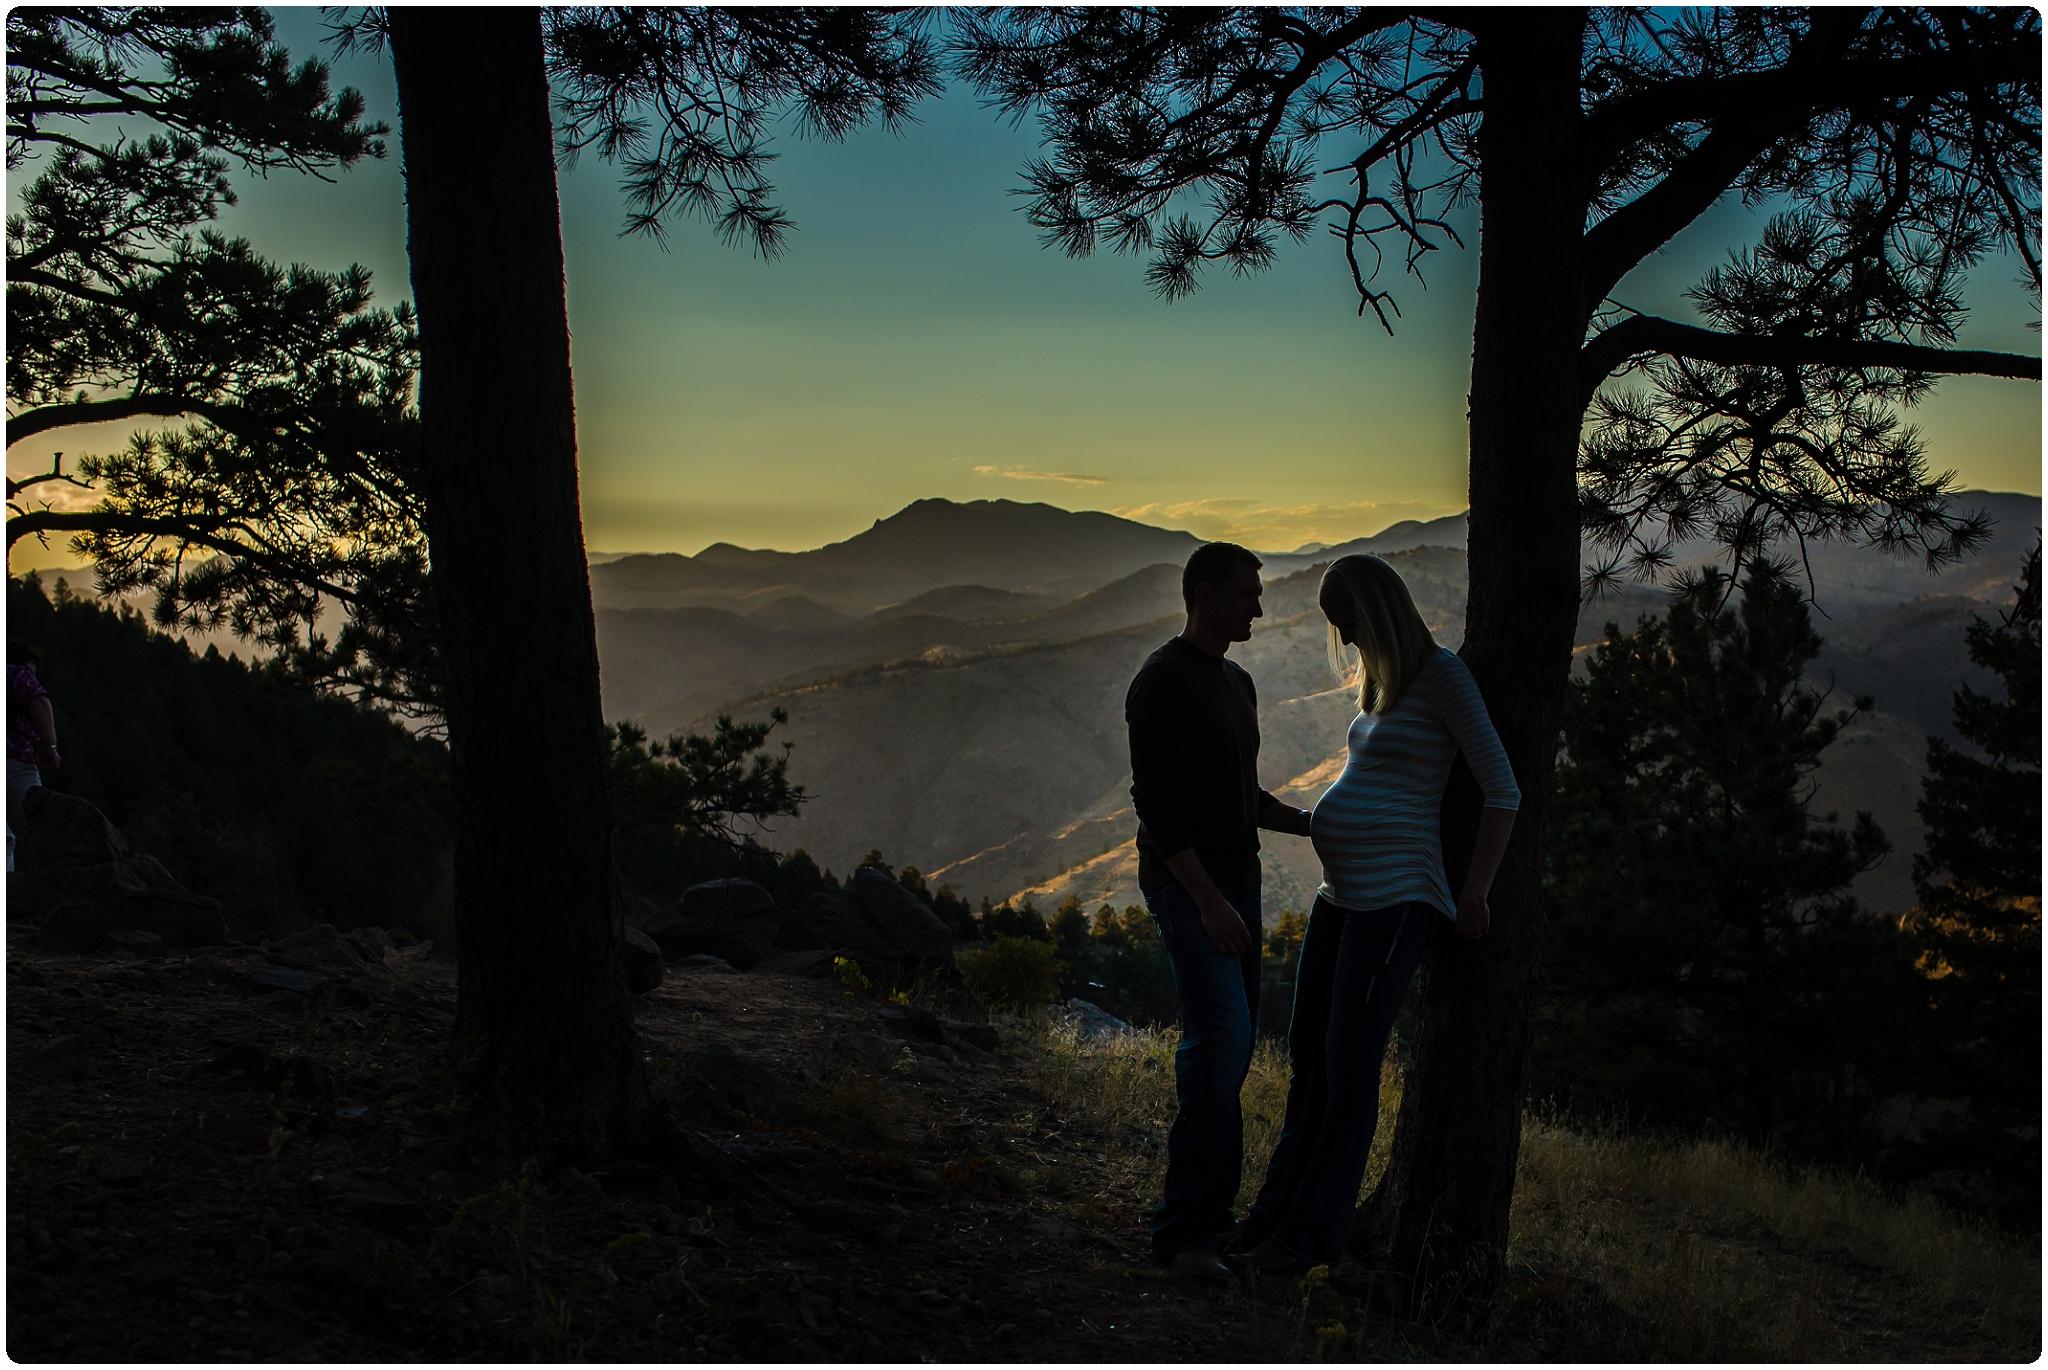 Sunset mountain maternity photos